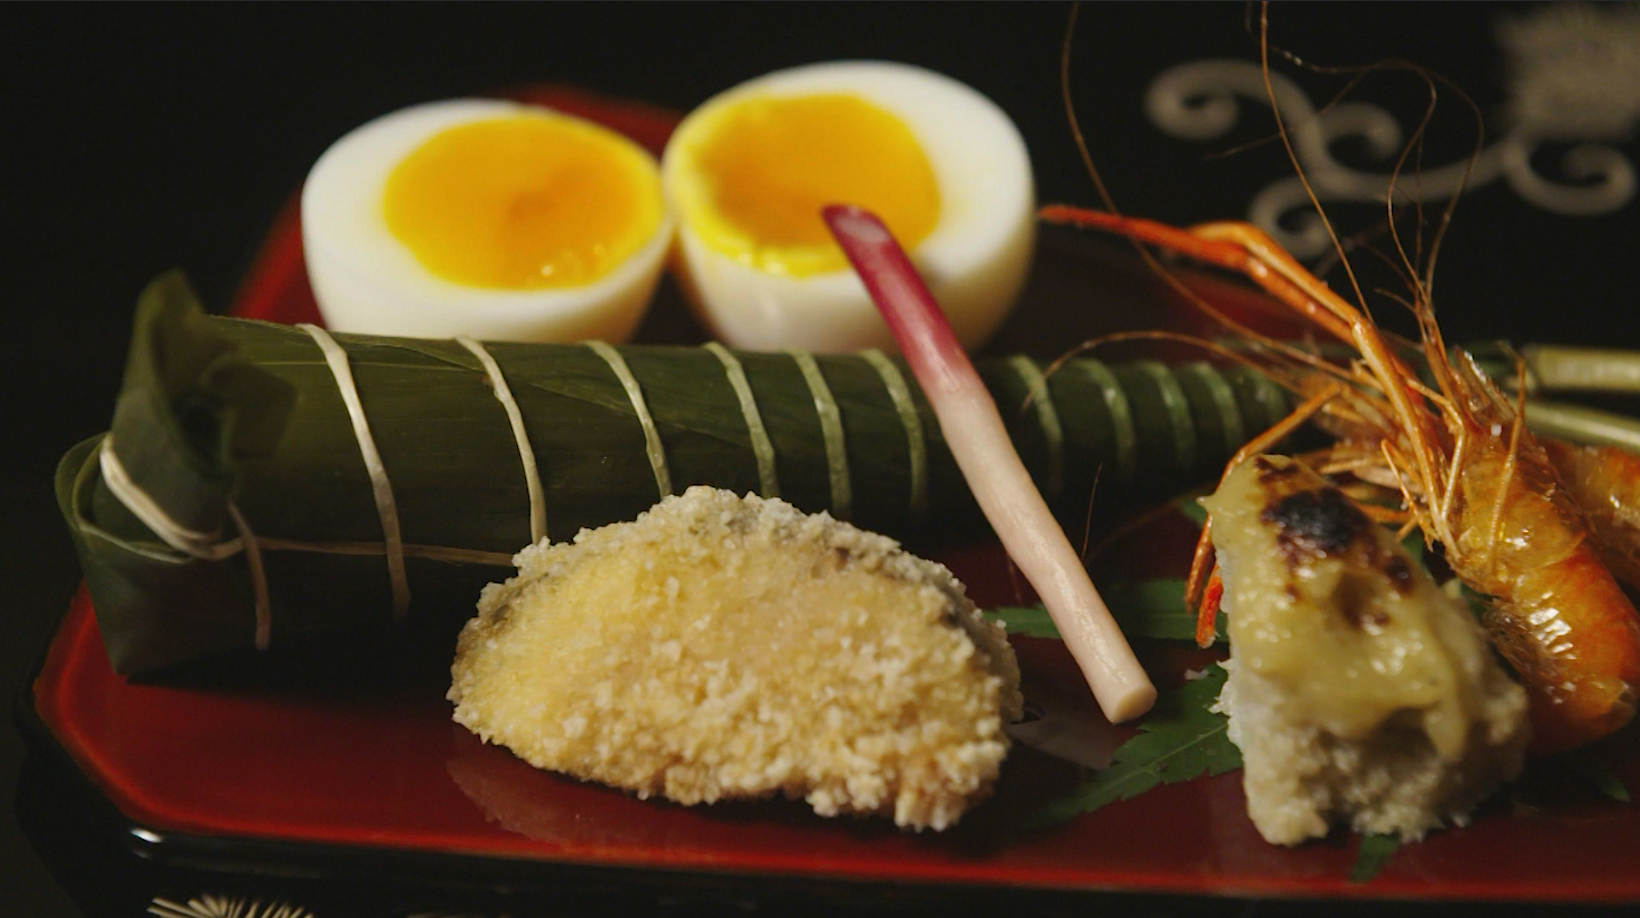 هل سبق أن جرّبت أفضل وجبة في العالم؟